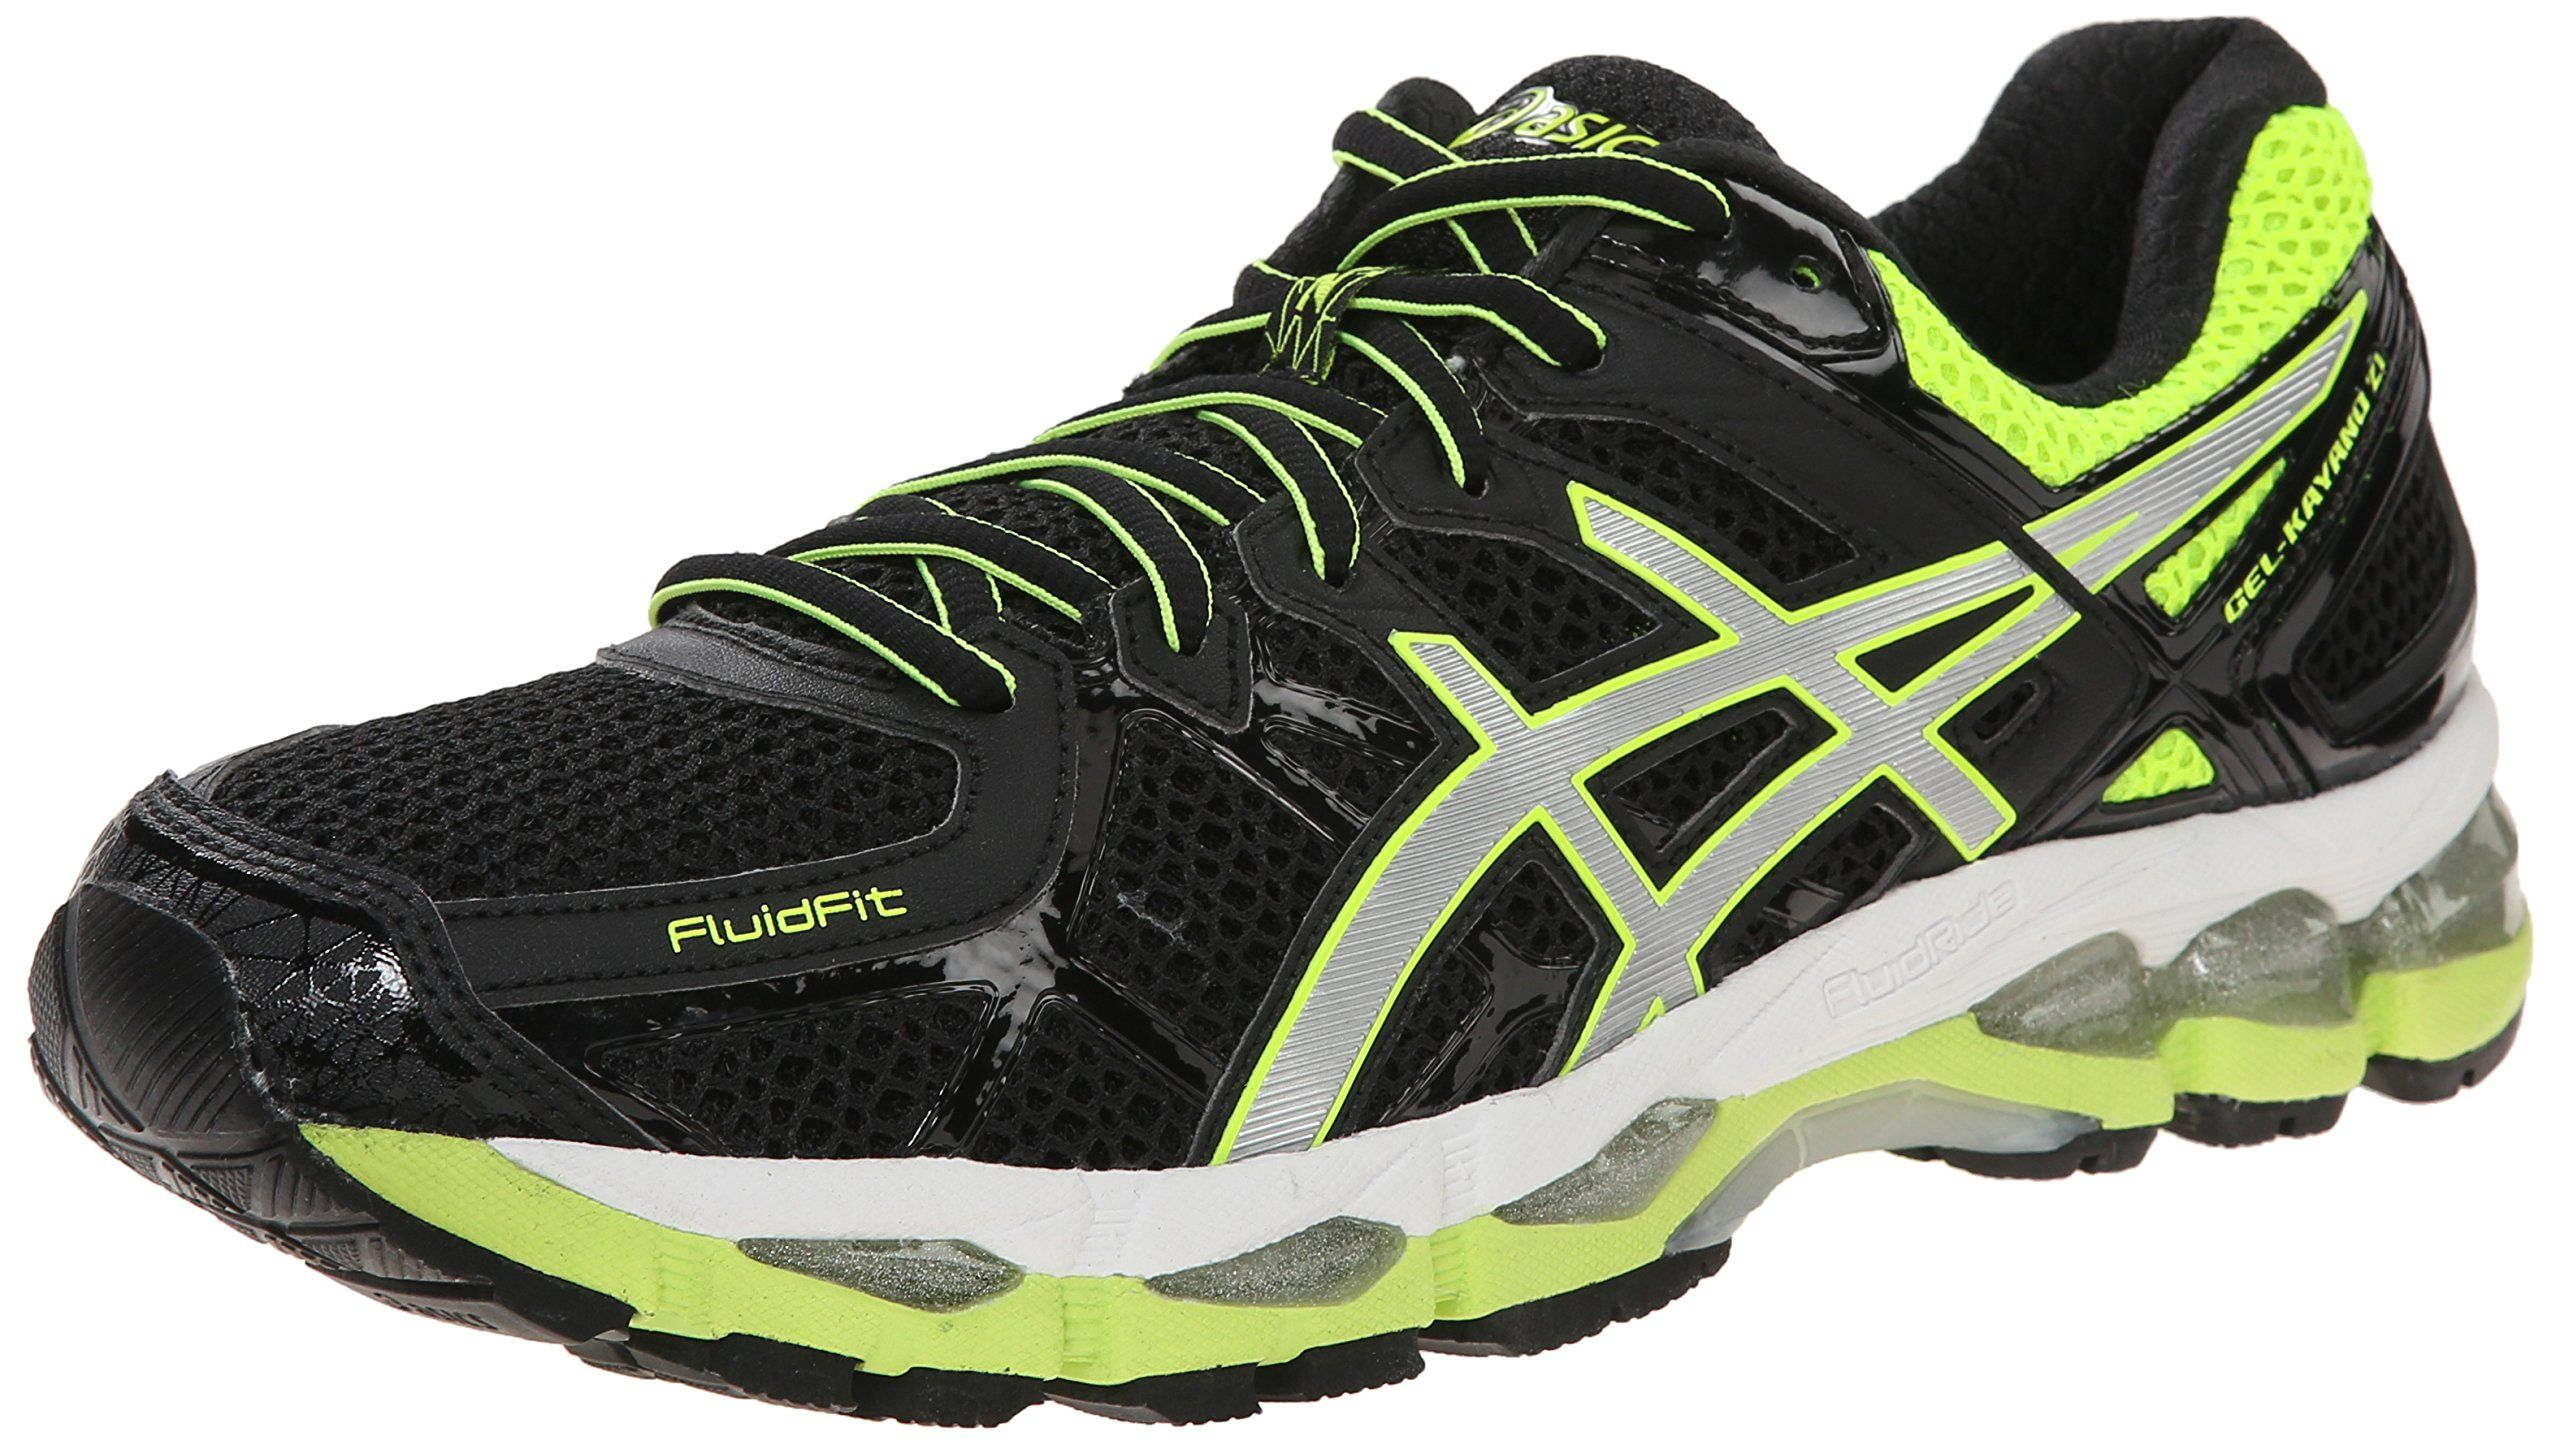 super popular b67b7 9f42f Amazon.com  ASICS Men s Gel Kayano 21 Running Shoe   Color  Black   Silver    Flash Yellow